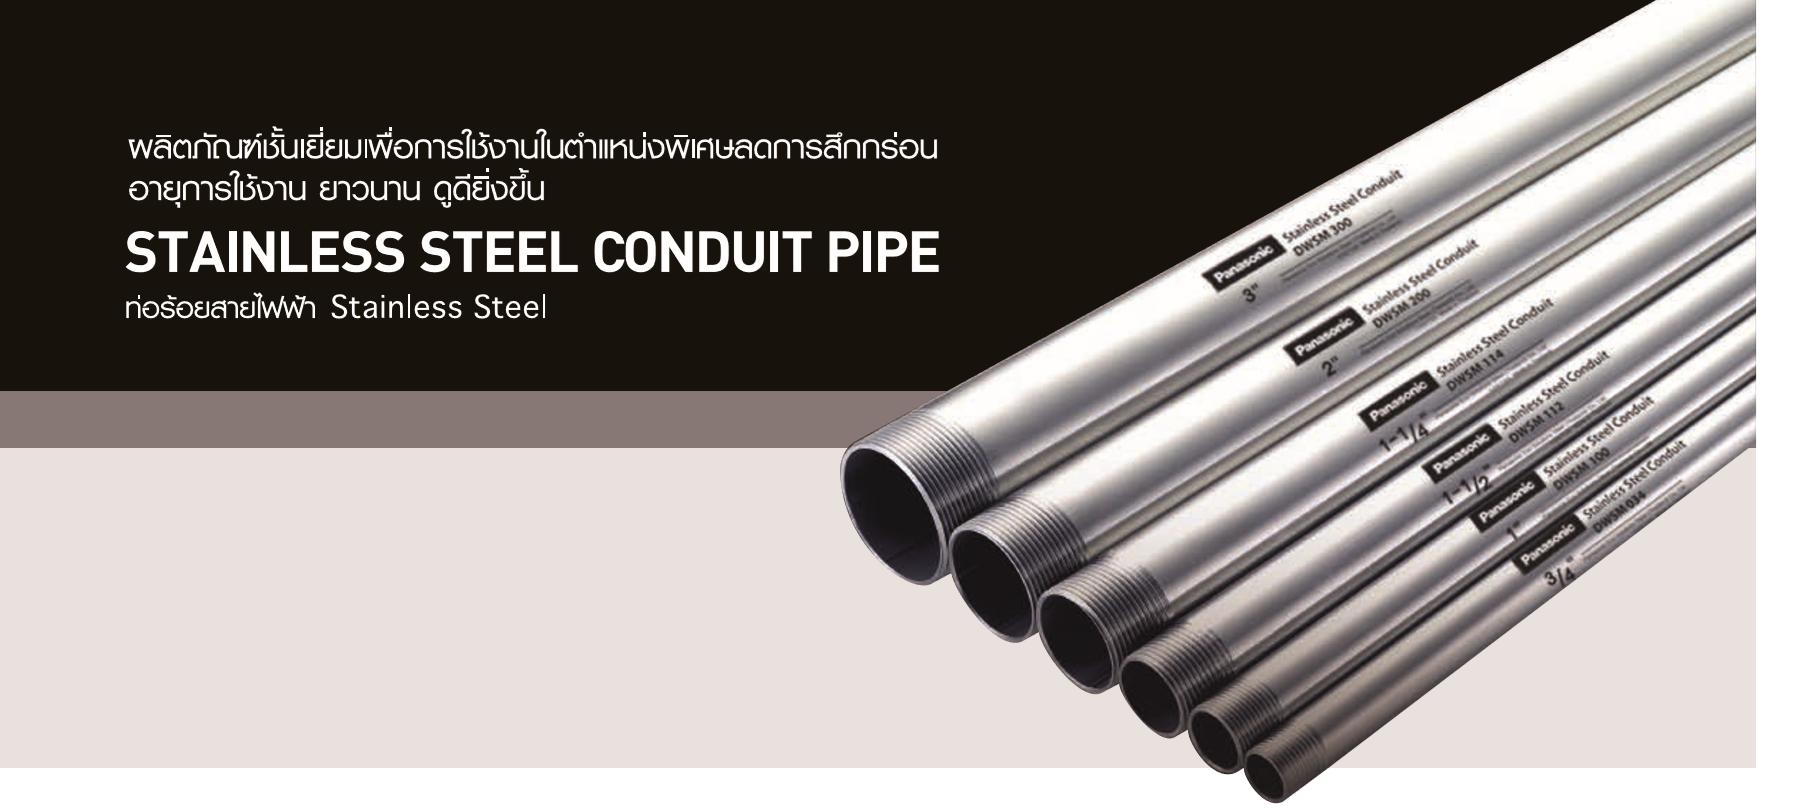 ท่อร้อยสายไฟฟ้า สแตนเลส พานาโซนิค (Panasonic Stainless Steel Conduit Pipe)